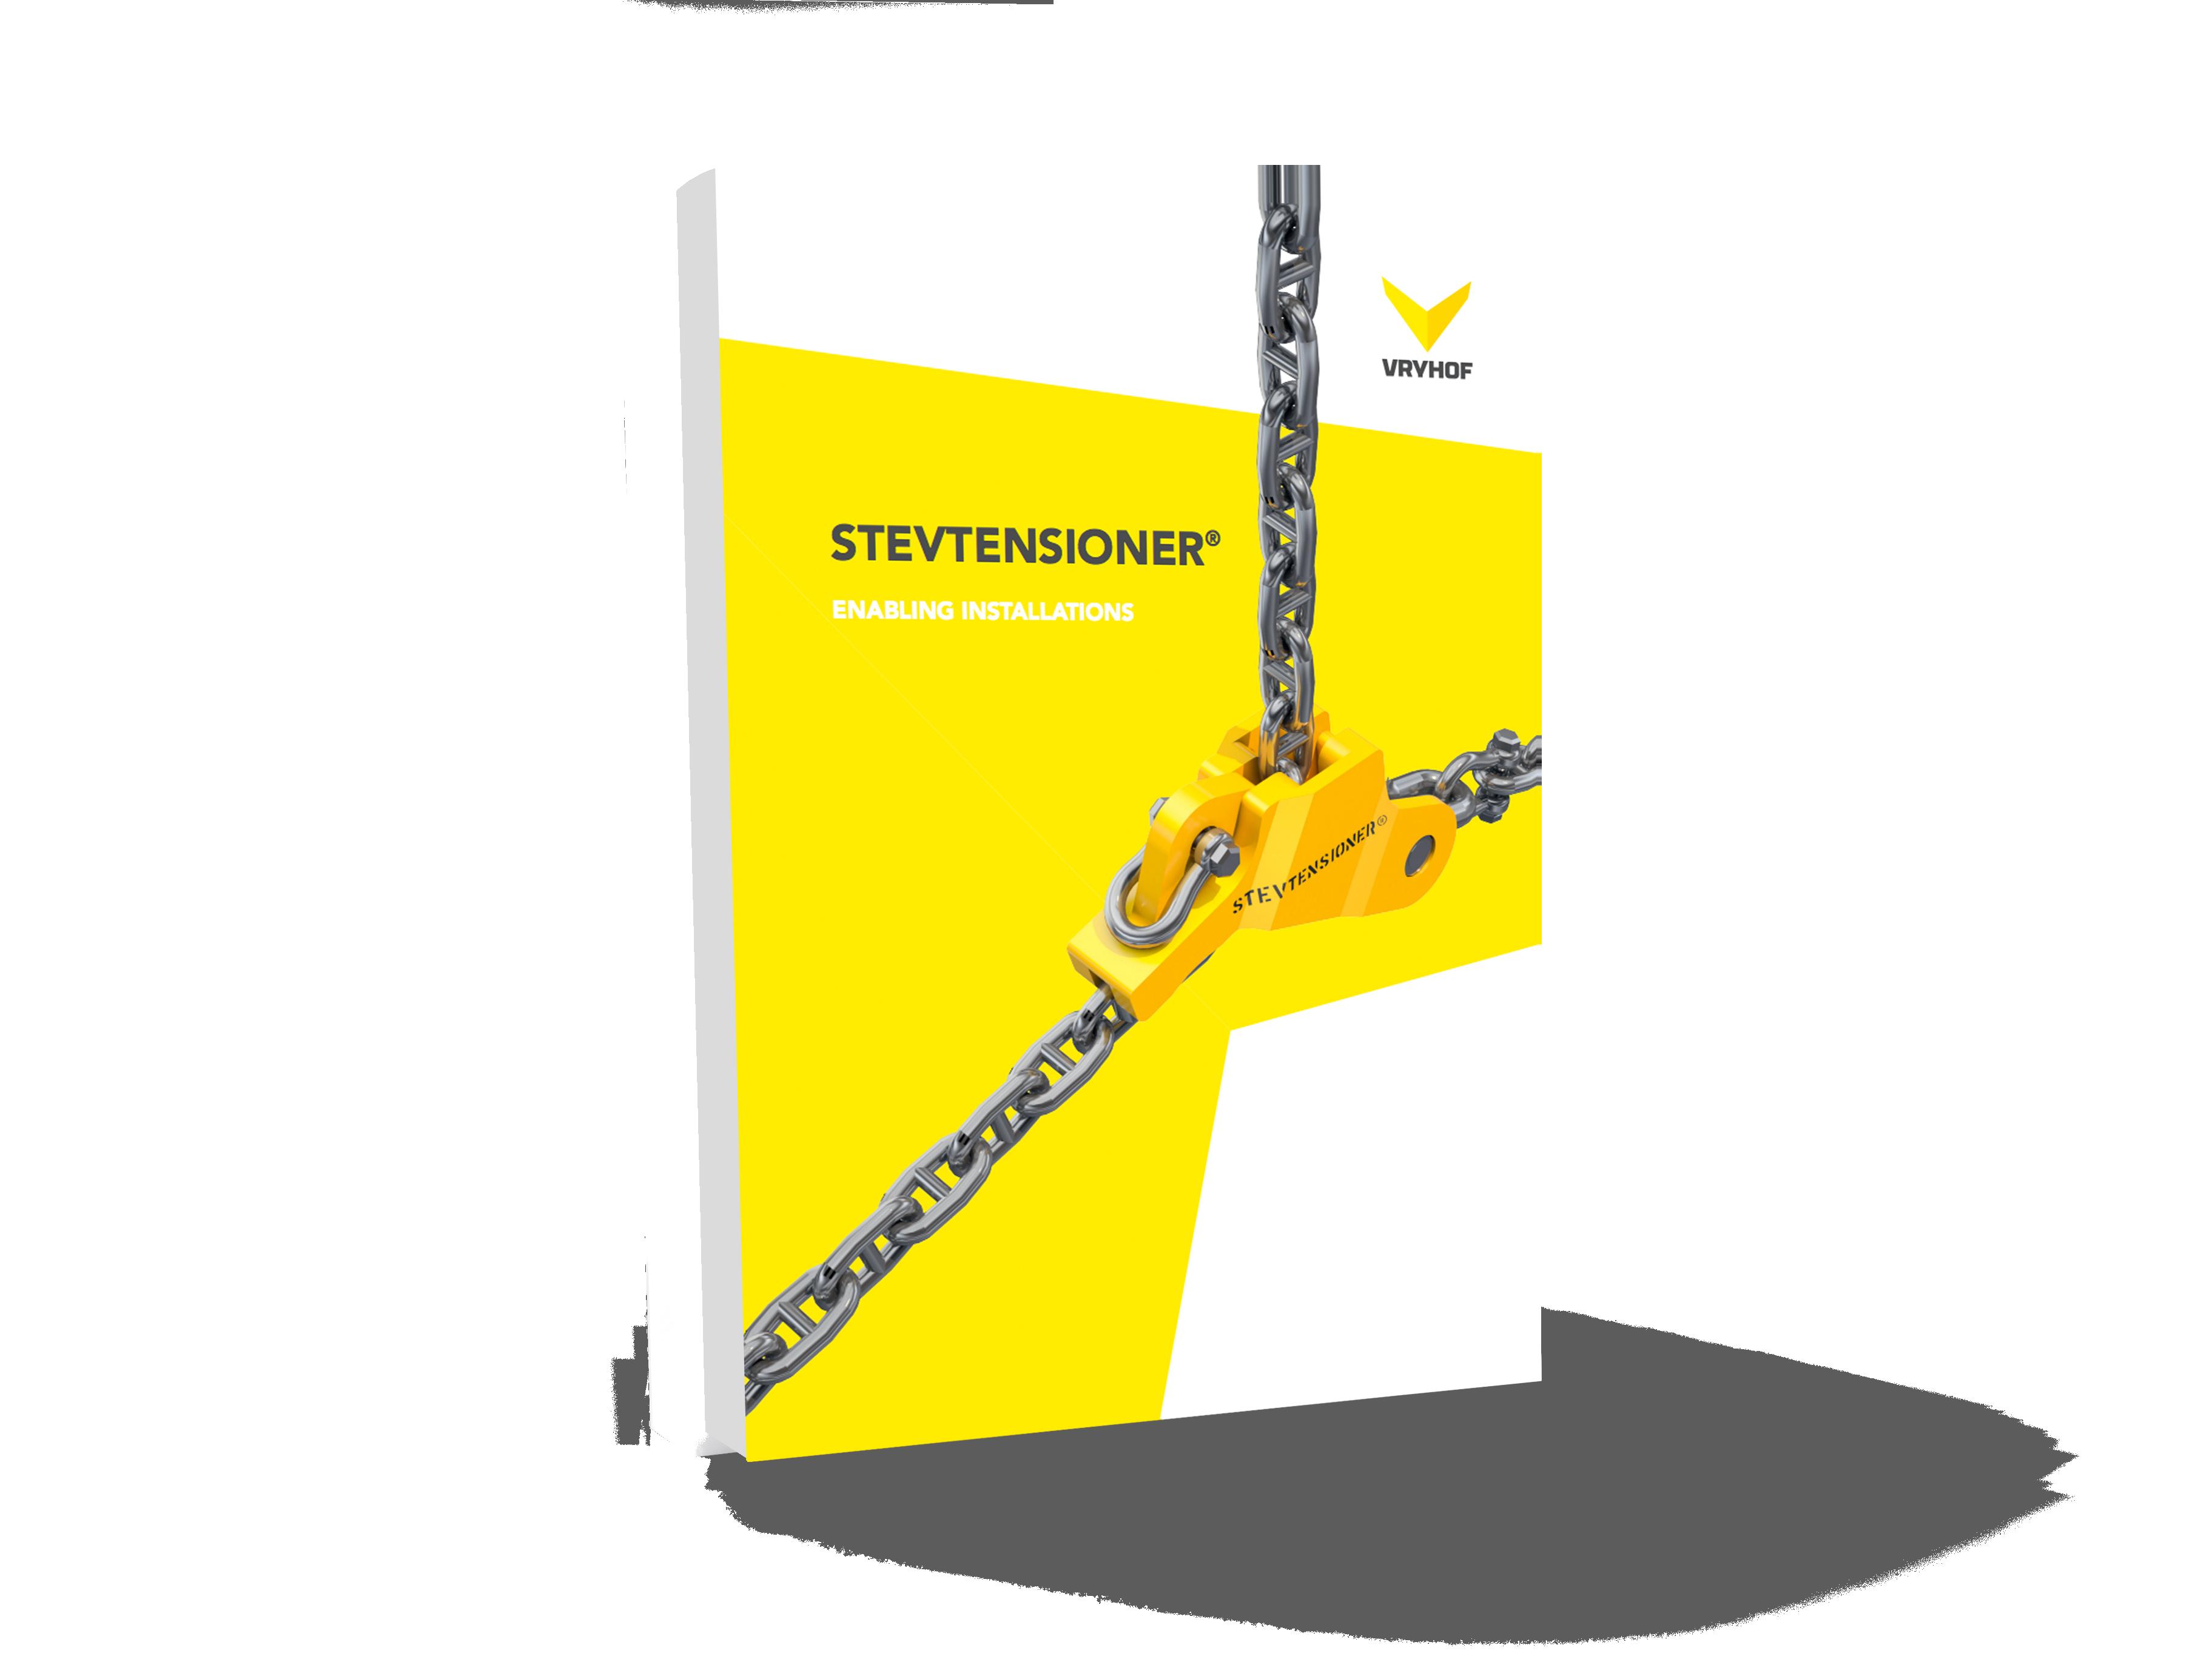 STEVTENSIONER-Brochure-cover-2.png